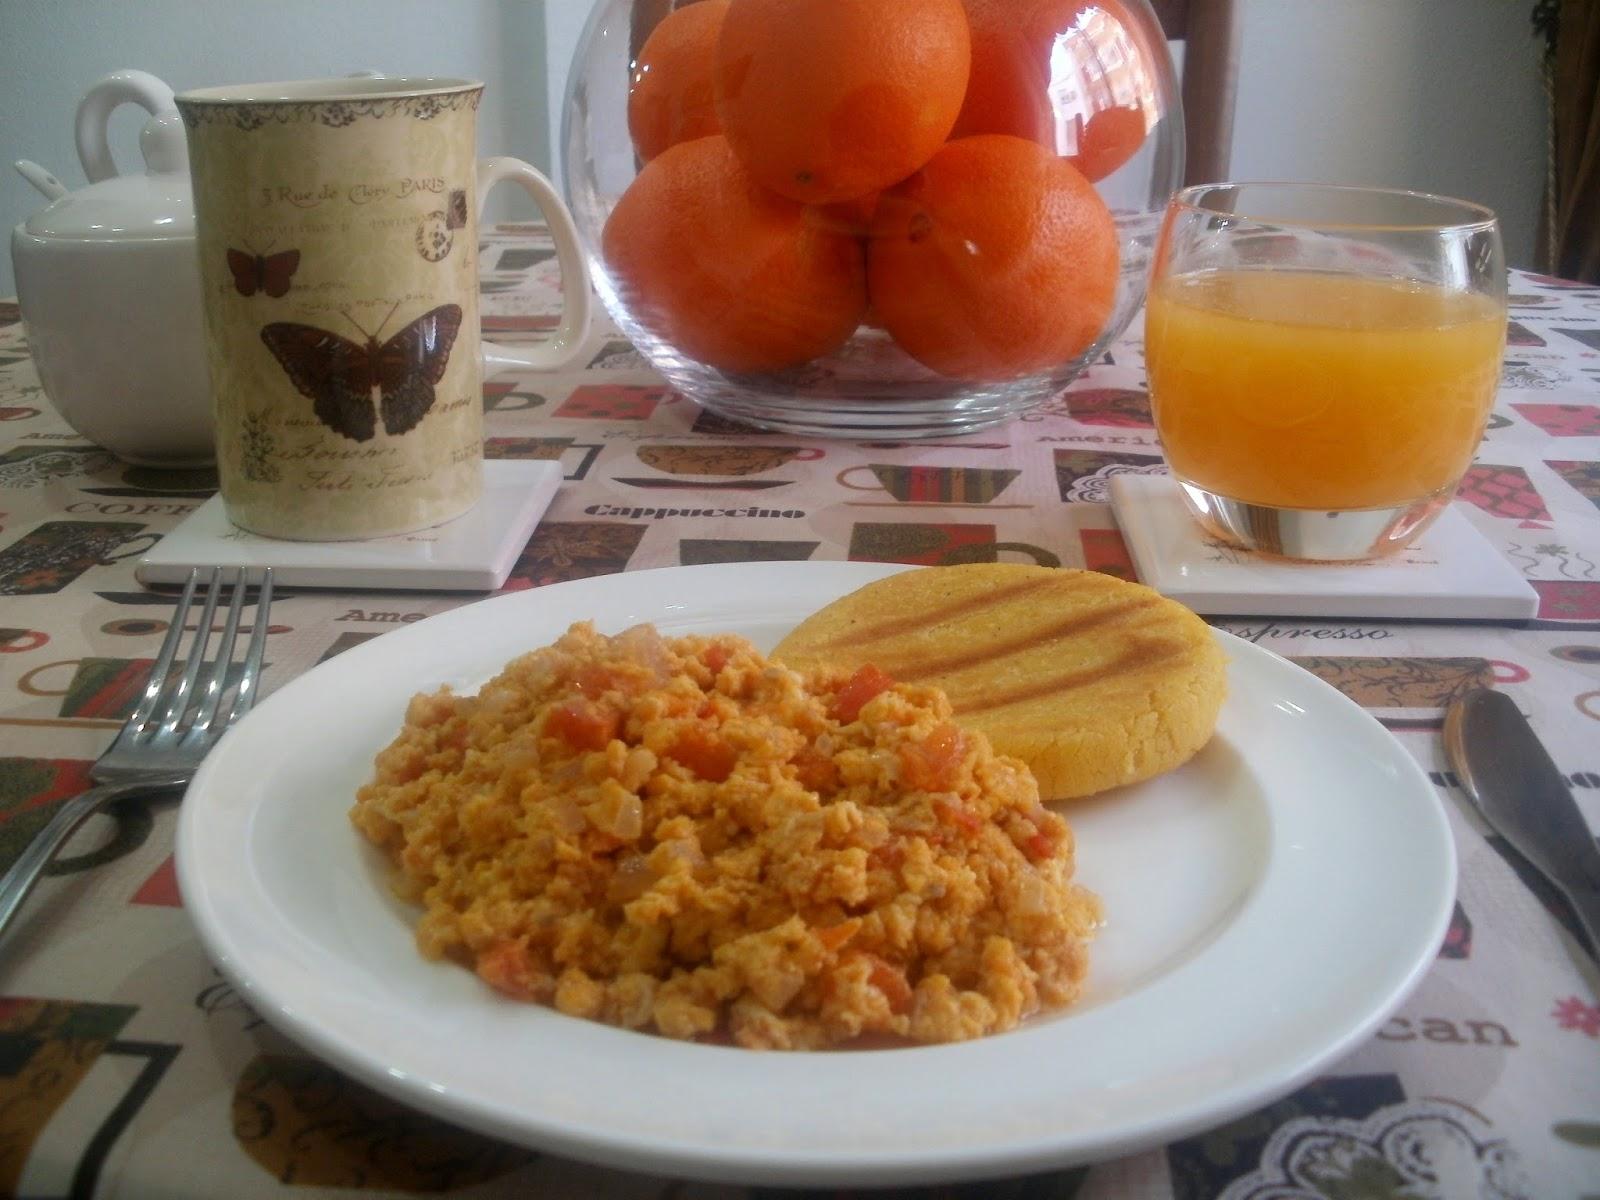 Huevos revueltos con tomate y cebolla